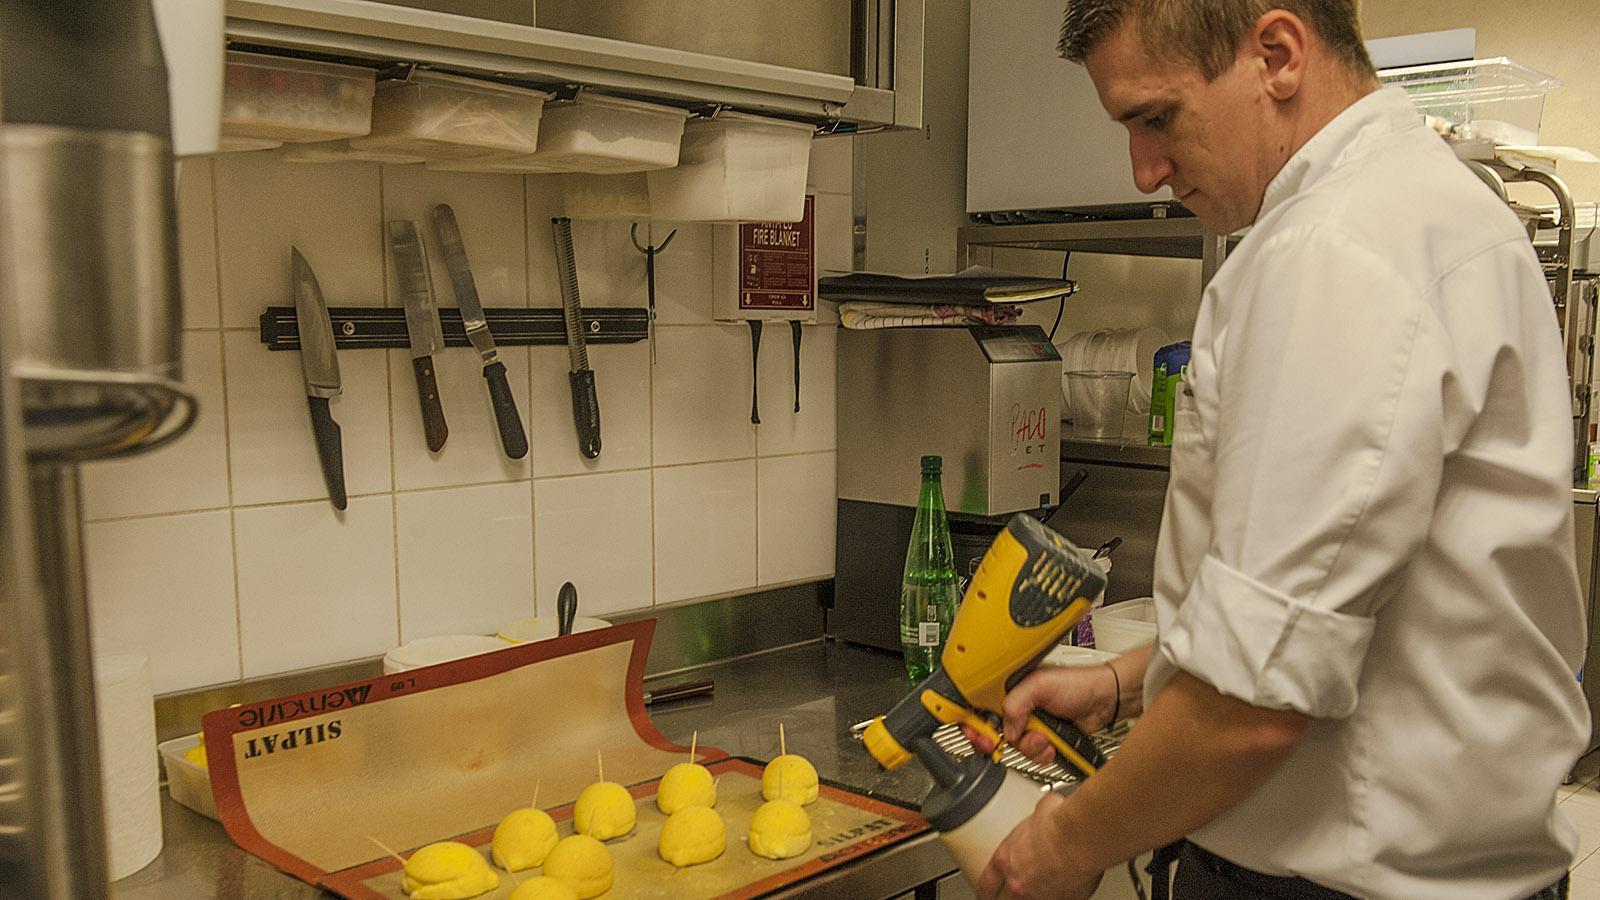 Benoît Potdevin bereitet das Dessert vor. Foto: Hilke Maunder